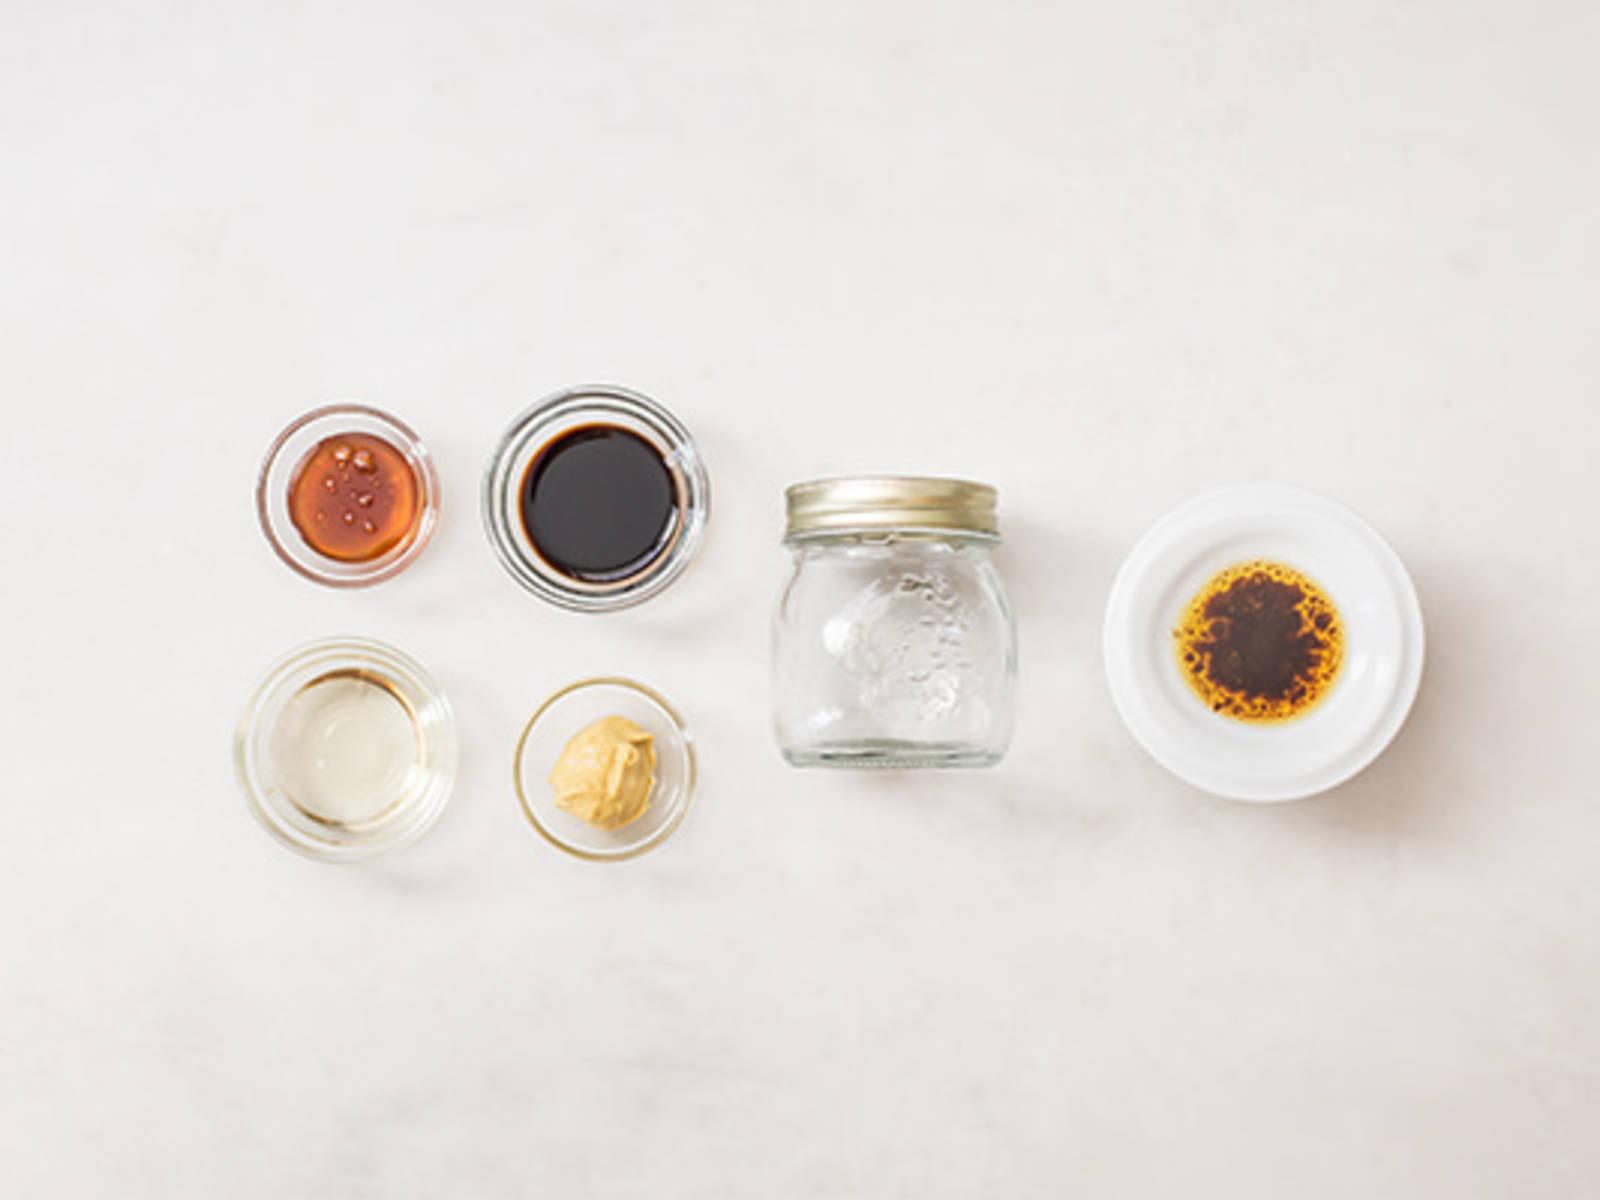 基本油醋沙司